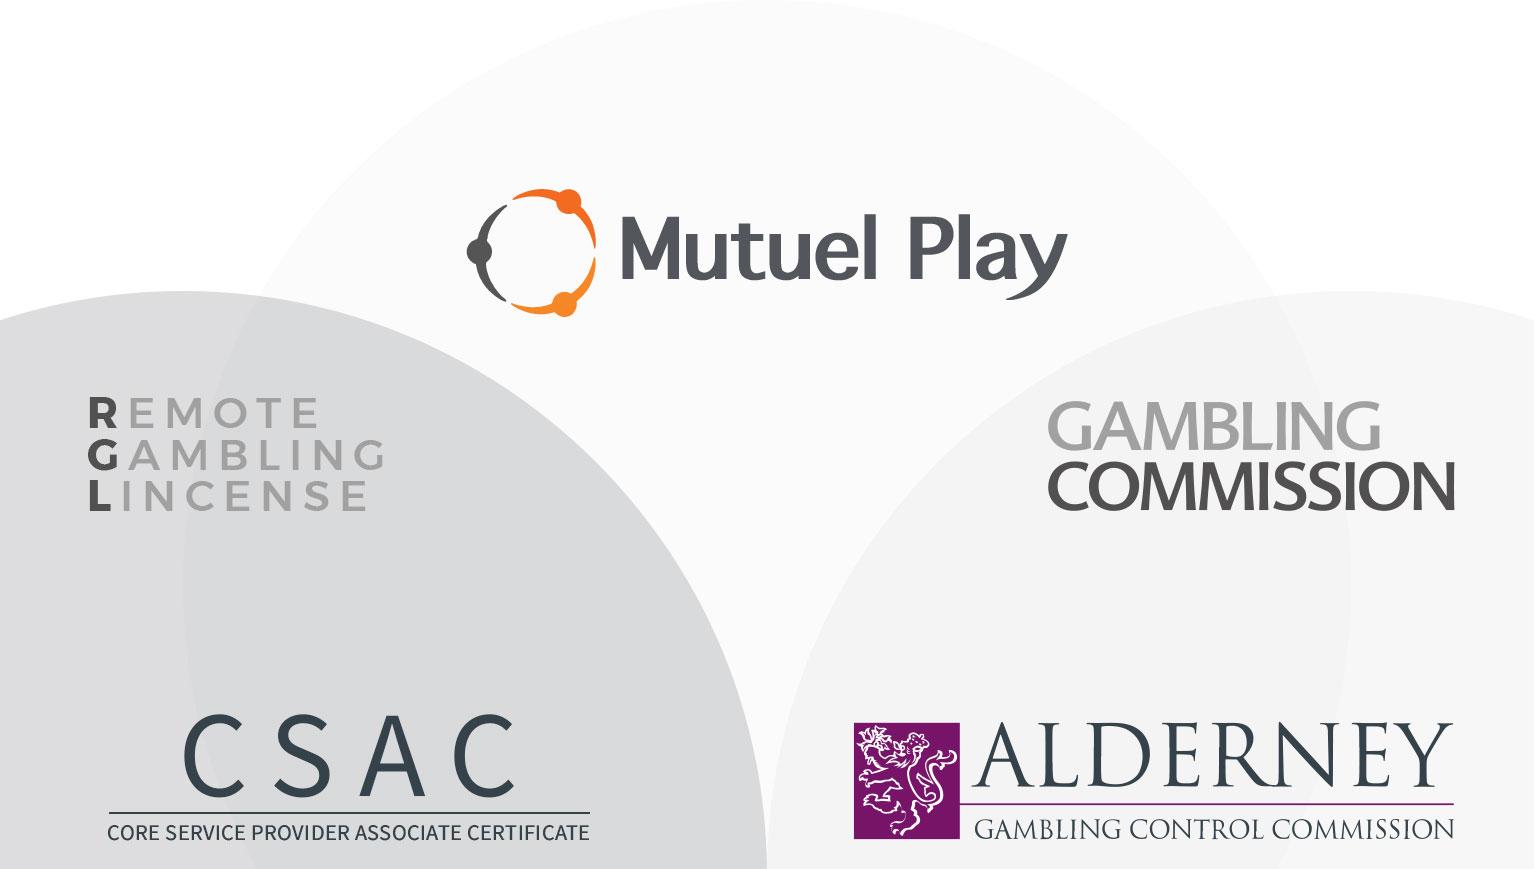 csac-agcc-ukgc-mutuelplay